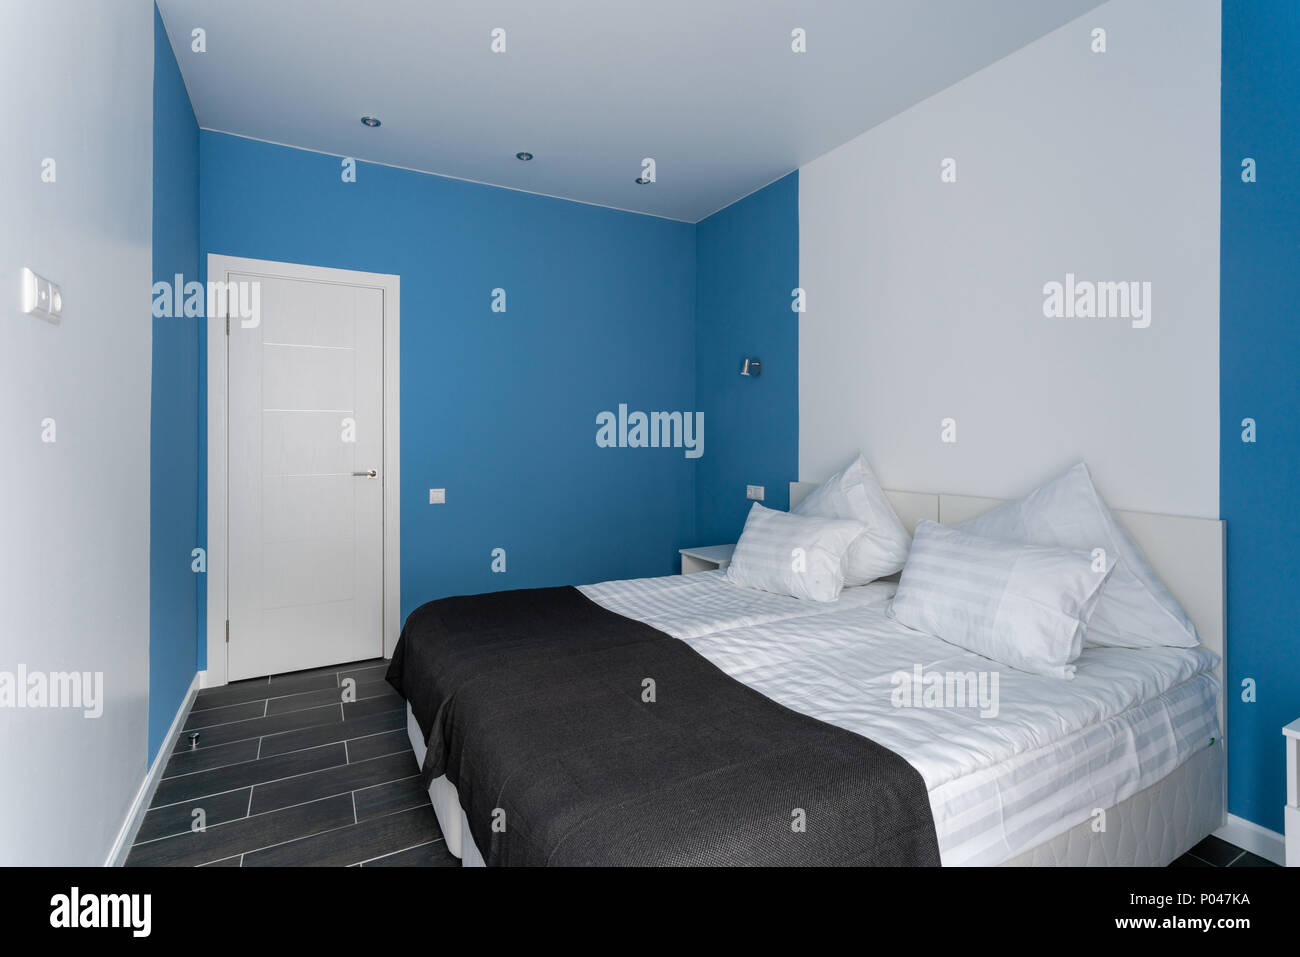 Tageslicht am Morgen. Hotel Standart Zimmer. moderne ...